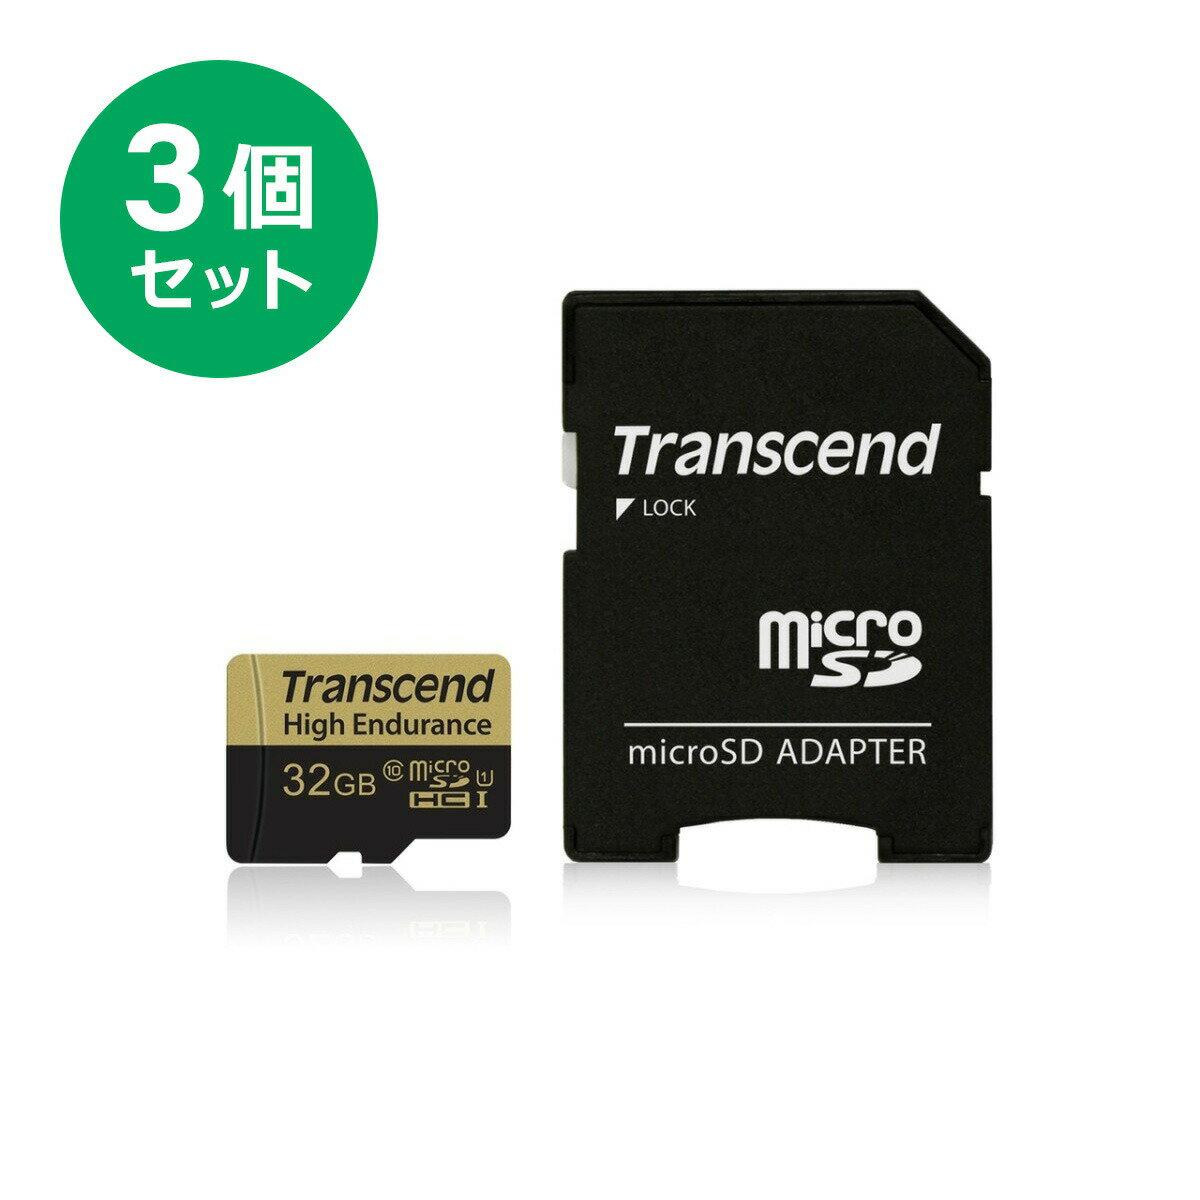 【4月25日値下げしました】【まとめ割 3個セット】Transcend microSDカード 32GB 高耐久 ドライブレコーダー向け Class10 2年保証 マイクロSD microSDHC クラス10 SDカード変換アダプタ付 入学 卒業[TS32GUSDHC10V]【ネコポス専用】【送料無料】